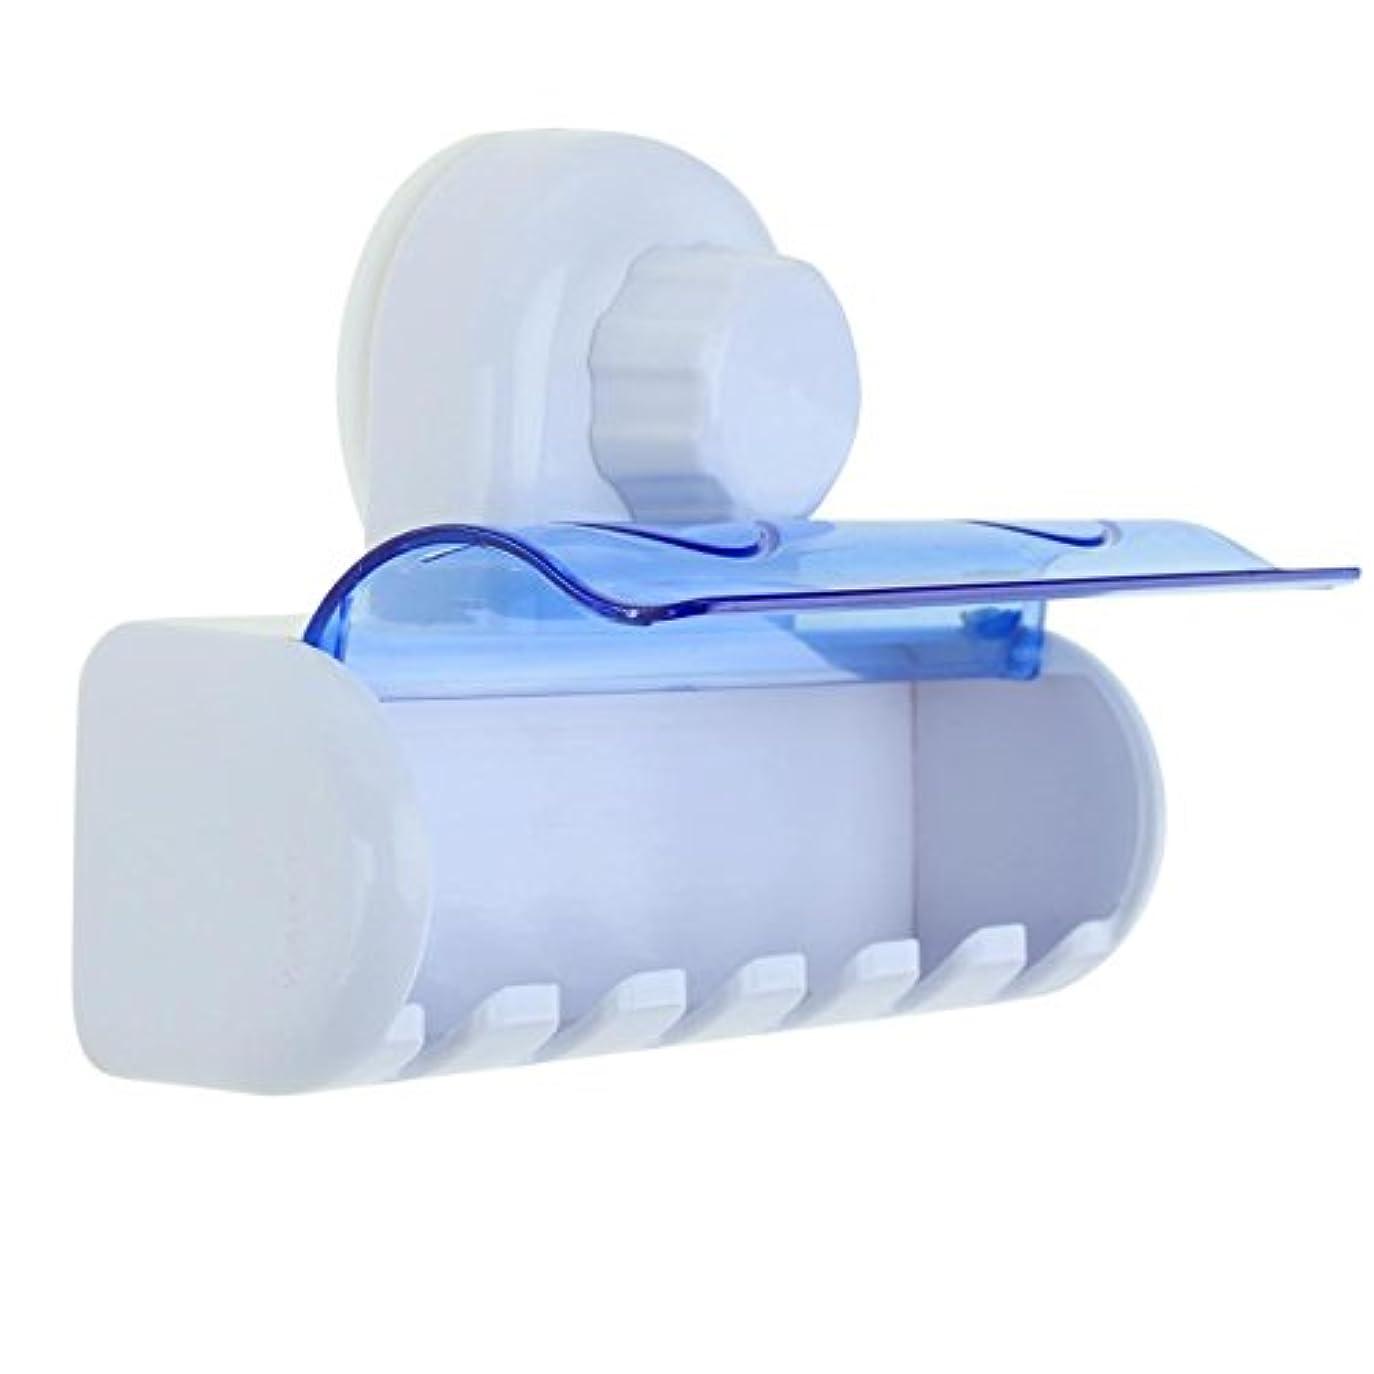 検体反乱悪行Demiawaking 強力吸盤付き ハブラシラック 歯ブラシ6本収納対応 取り付け簡単 壁掛け ハブラシホルダー